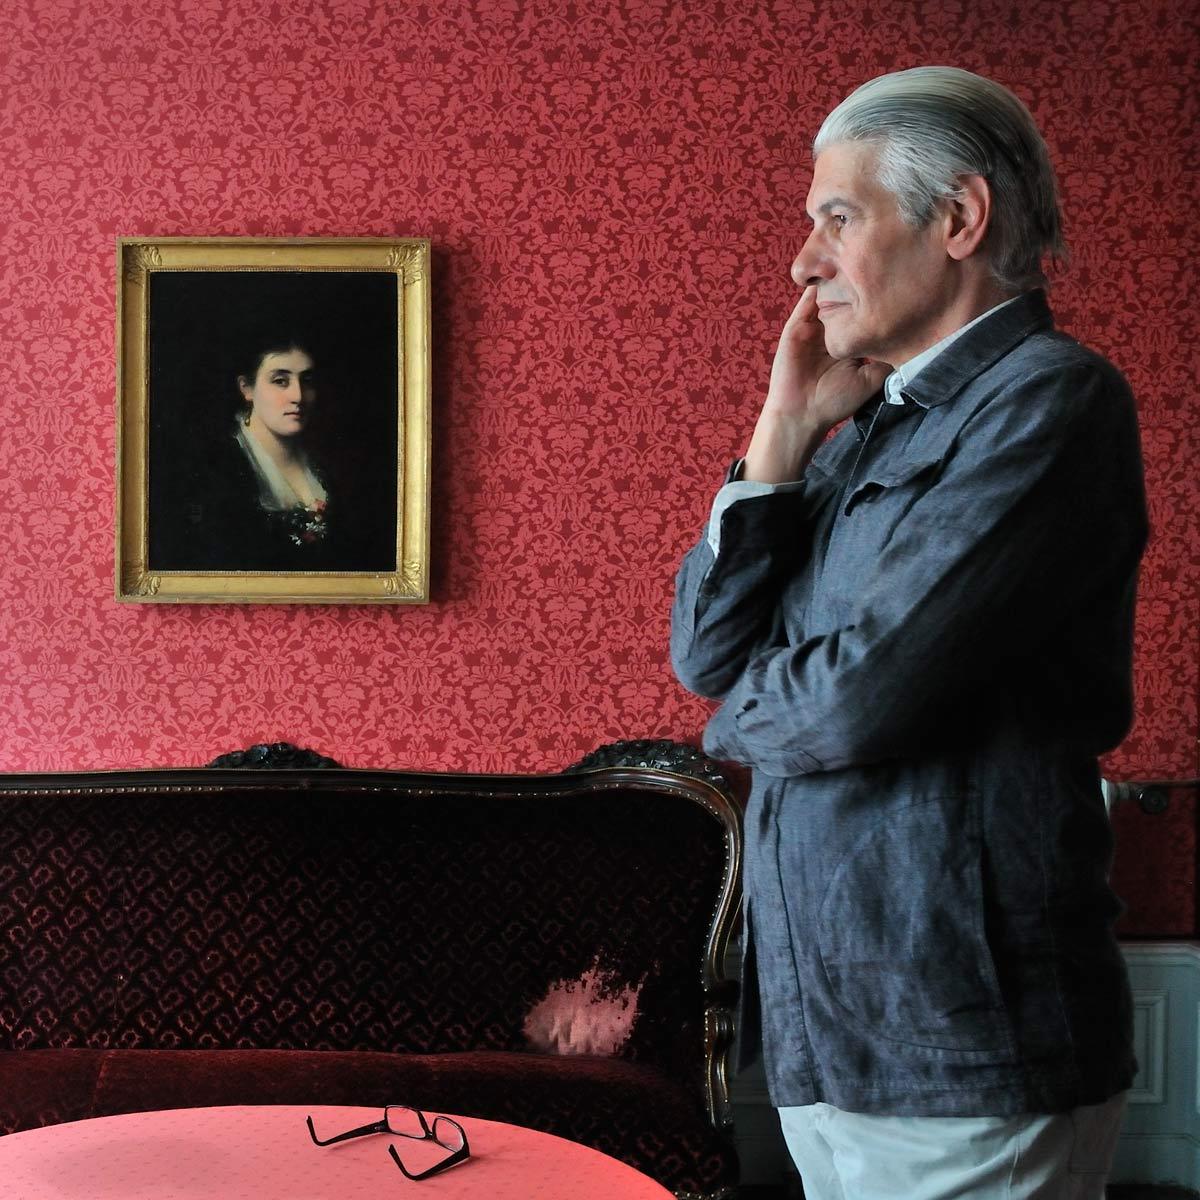 musée proust marcel proust jeanne weil proust portrait eric morin photographe